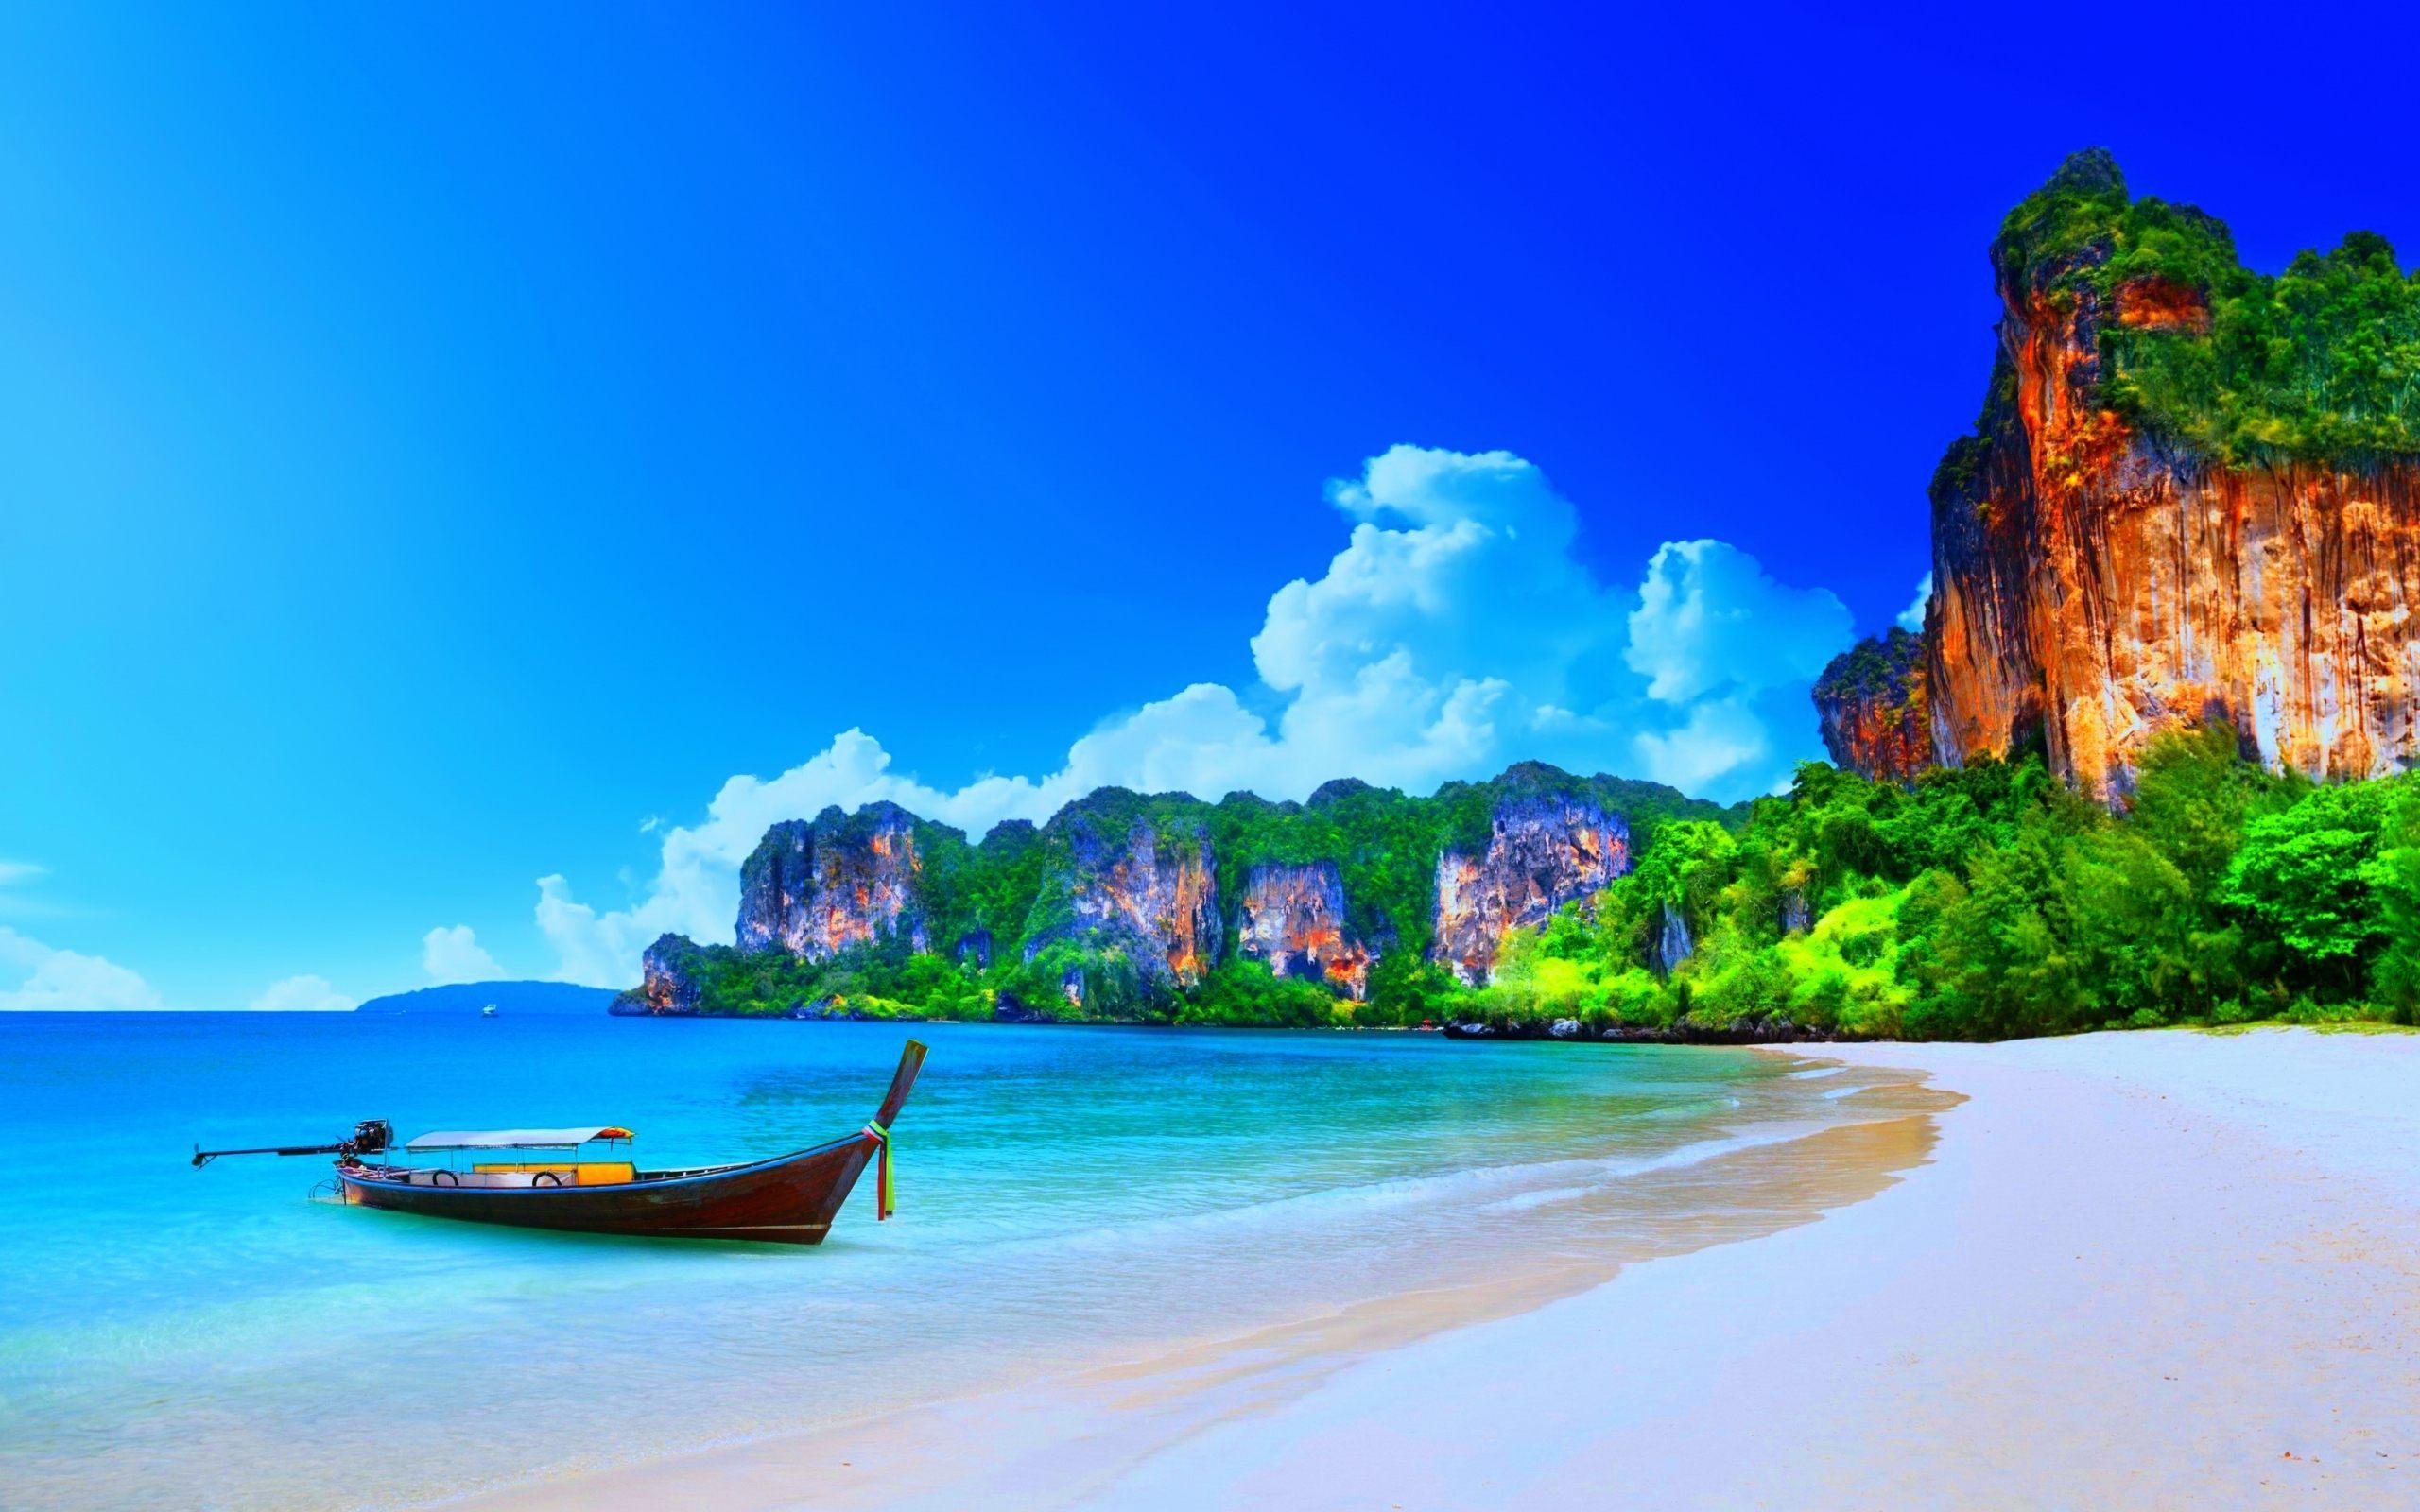 Ao Nang Beach Landscape Thailand Wallpaper HD For Desktop 2560x1600